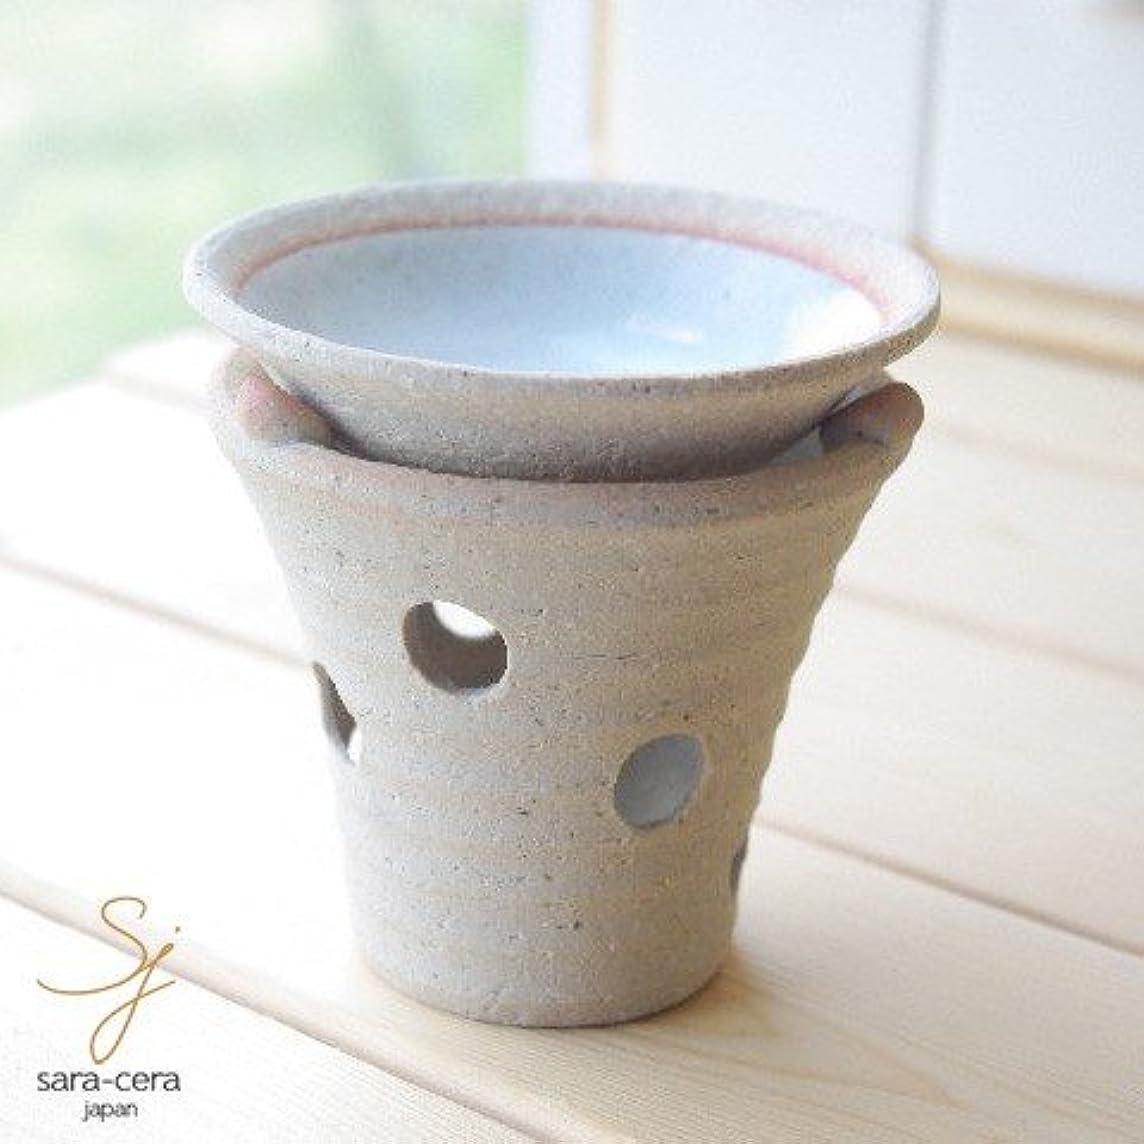 ポーチ豊富なファーザーファージュ松助窯 手作り茶香炉セット 白釉 ホワイト アロマ 和食器 リビング